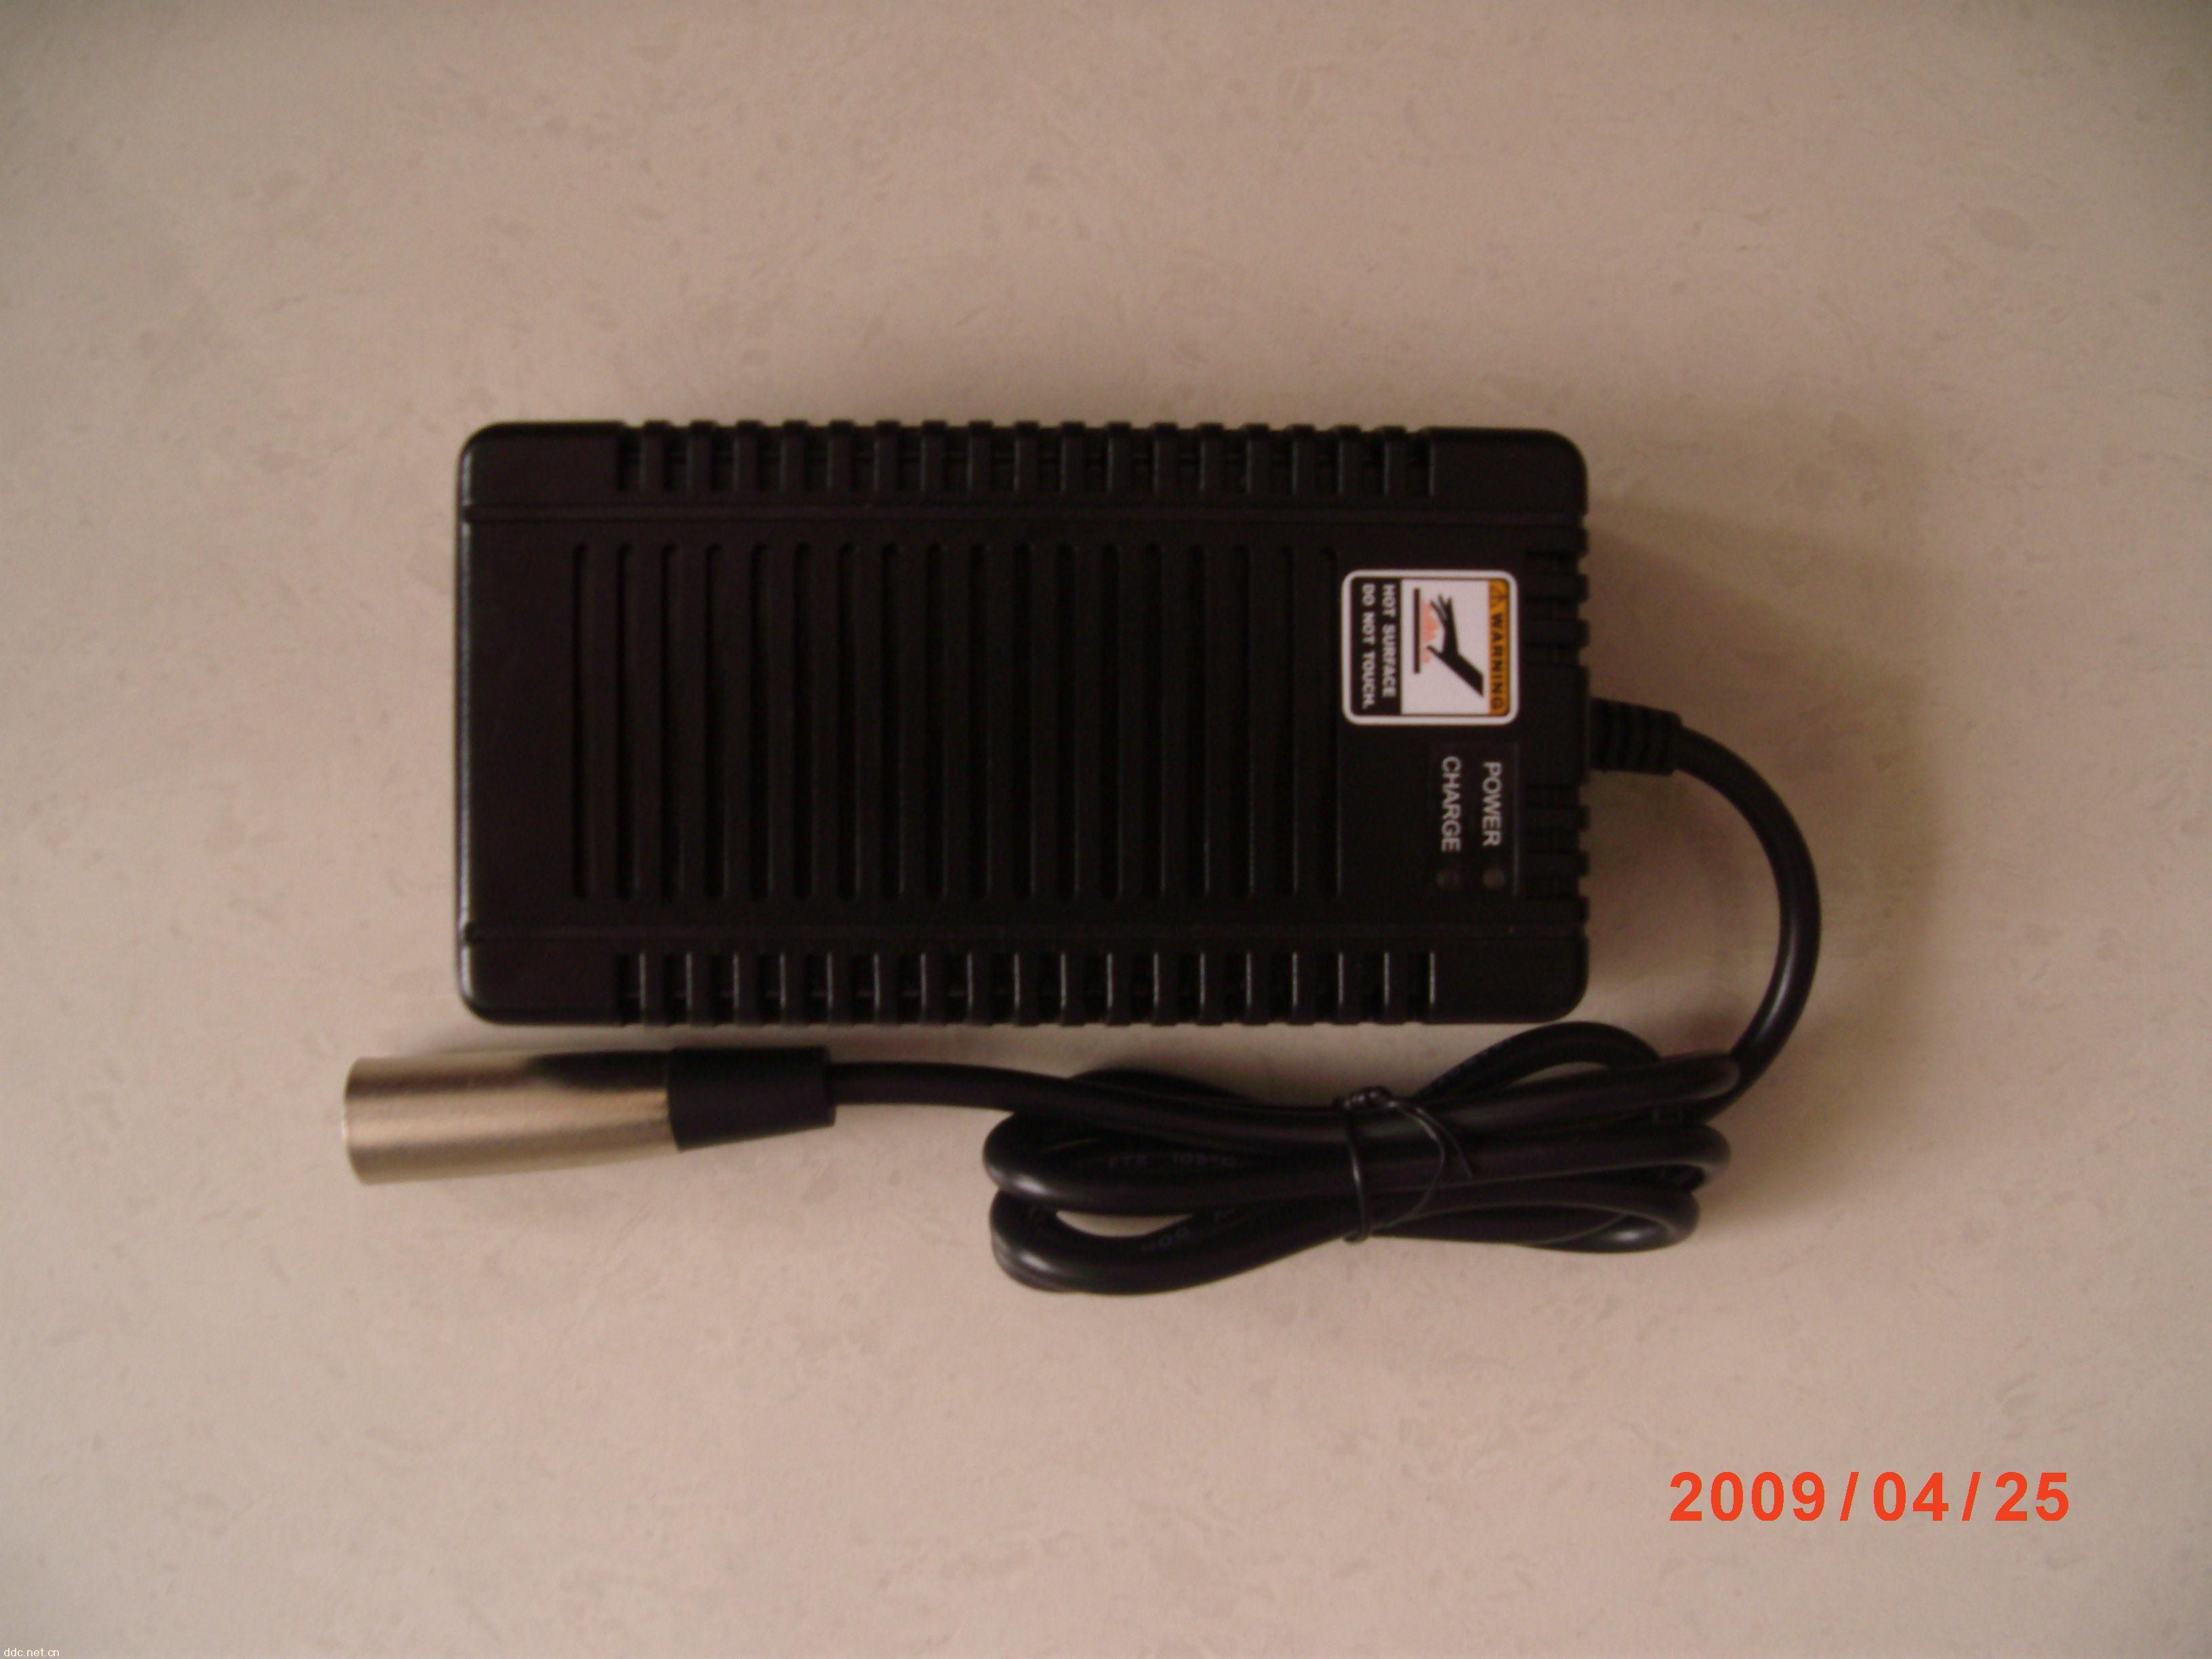 全电压输入(90-264V 50/60HZ); 电流回授控制能的充电器; 单颗双色LED指示灯; 三段式充电:快充/吸收/浮充 自然散热,无需风扇; 安全阀设计:无电池,无输出; 连接电池无火花产生; EMI 噪声低于40db